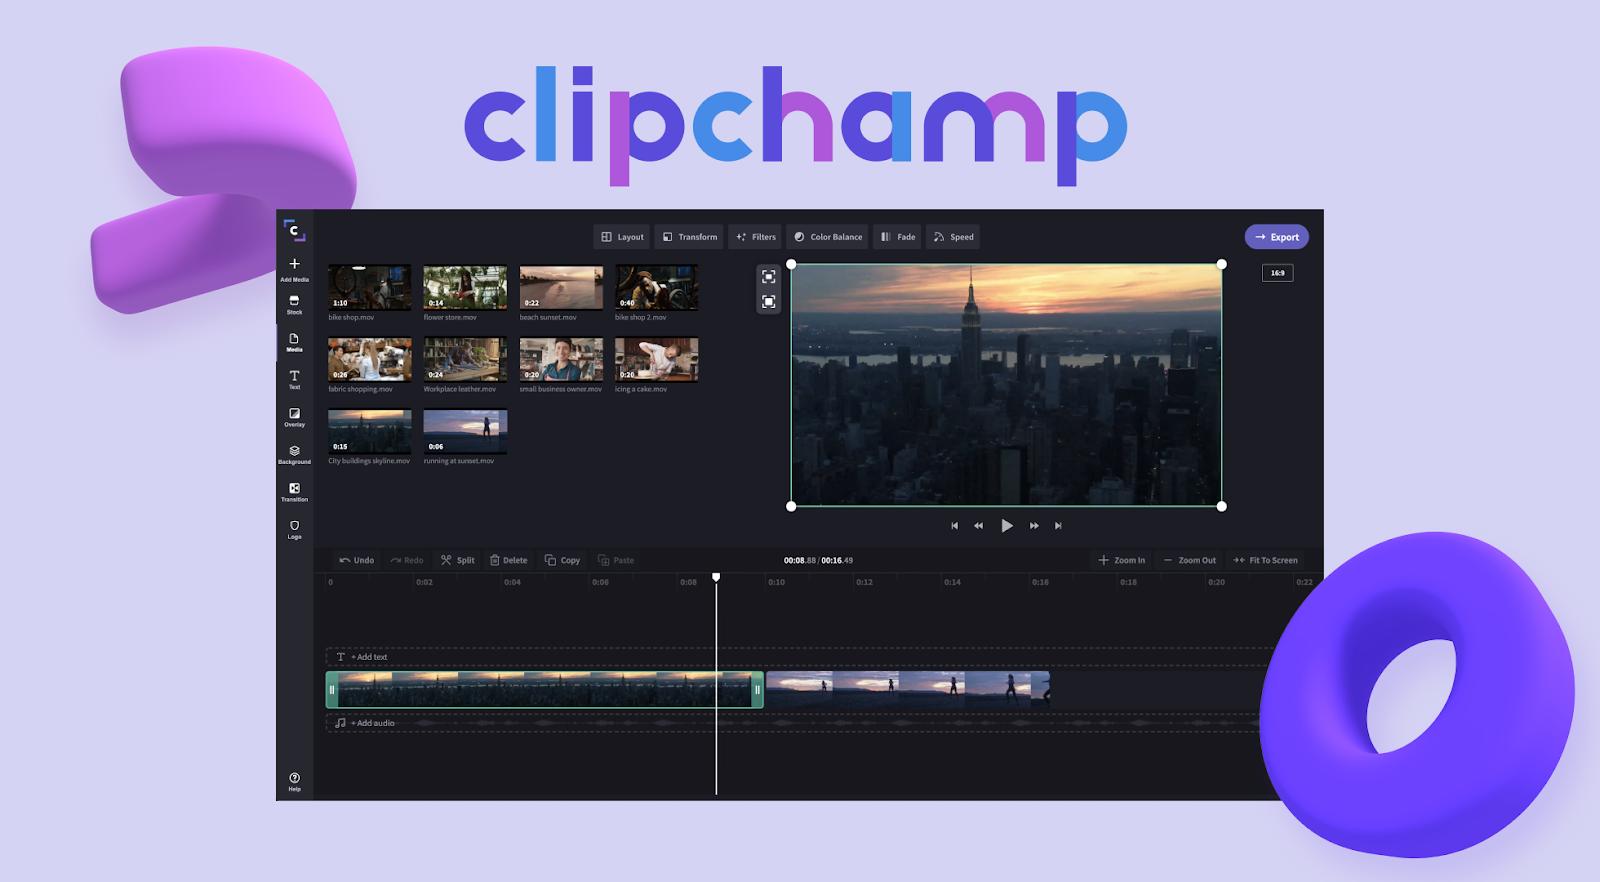 Clipchamp interface